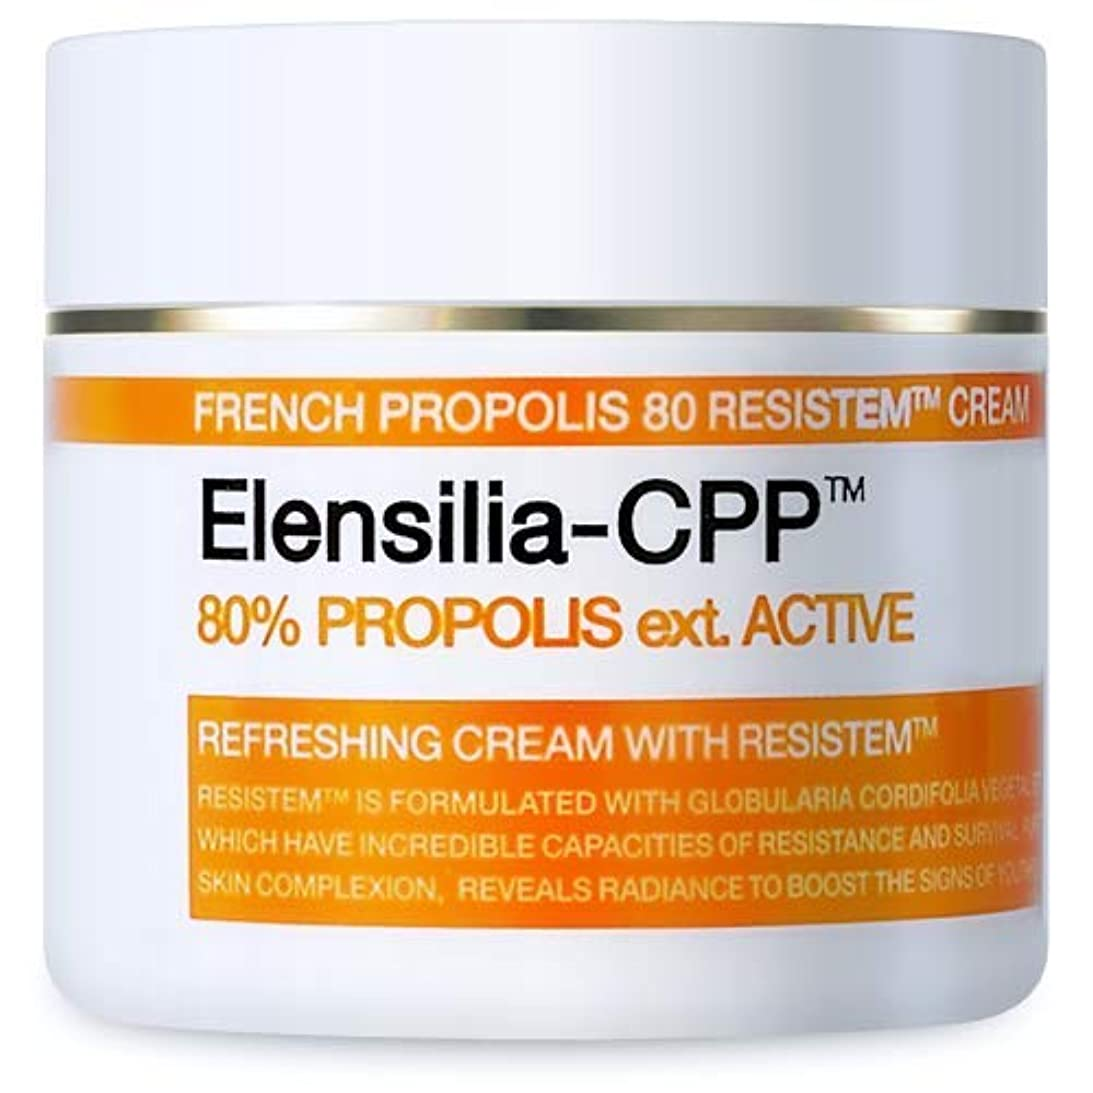 スペード繰り返す適合Elensilia CPP フレンチ プロポリス 80 リシステム クリーム / CPP French Propolis 80 Resistem Cream (50g) [並行輸入品]